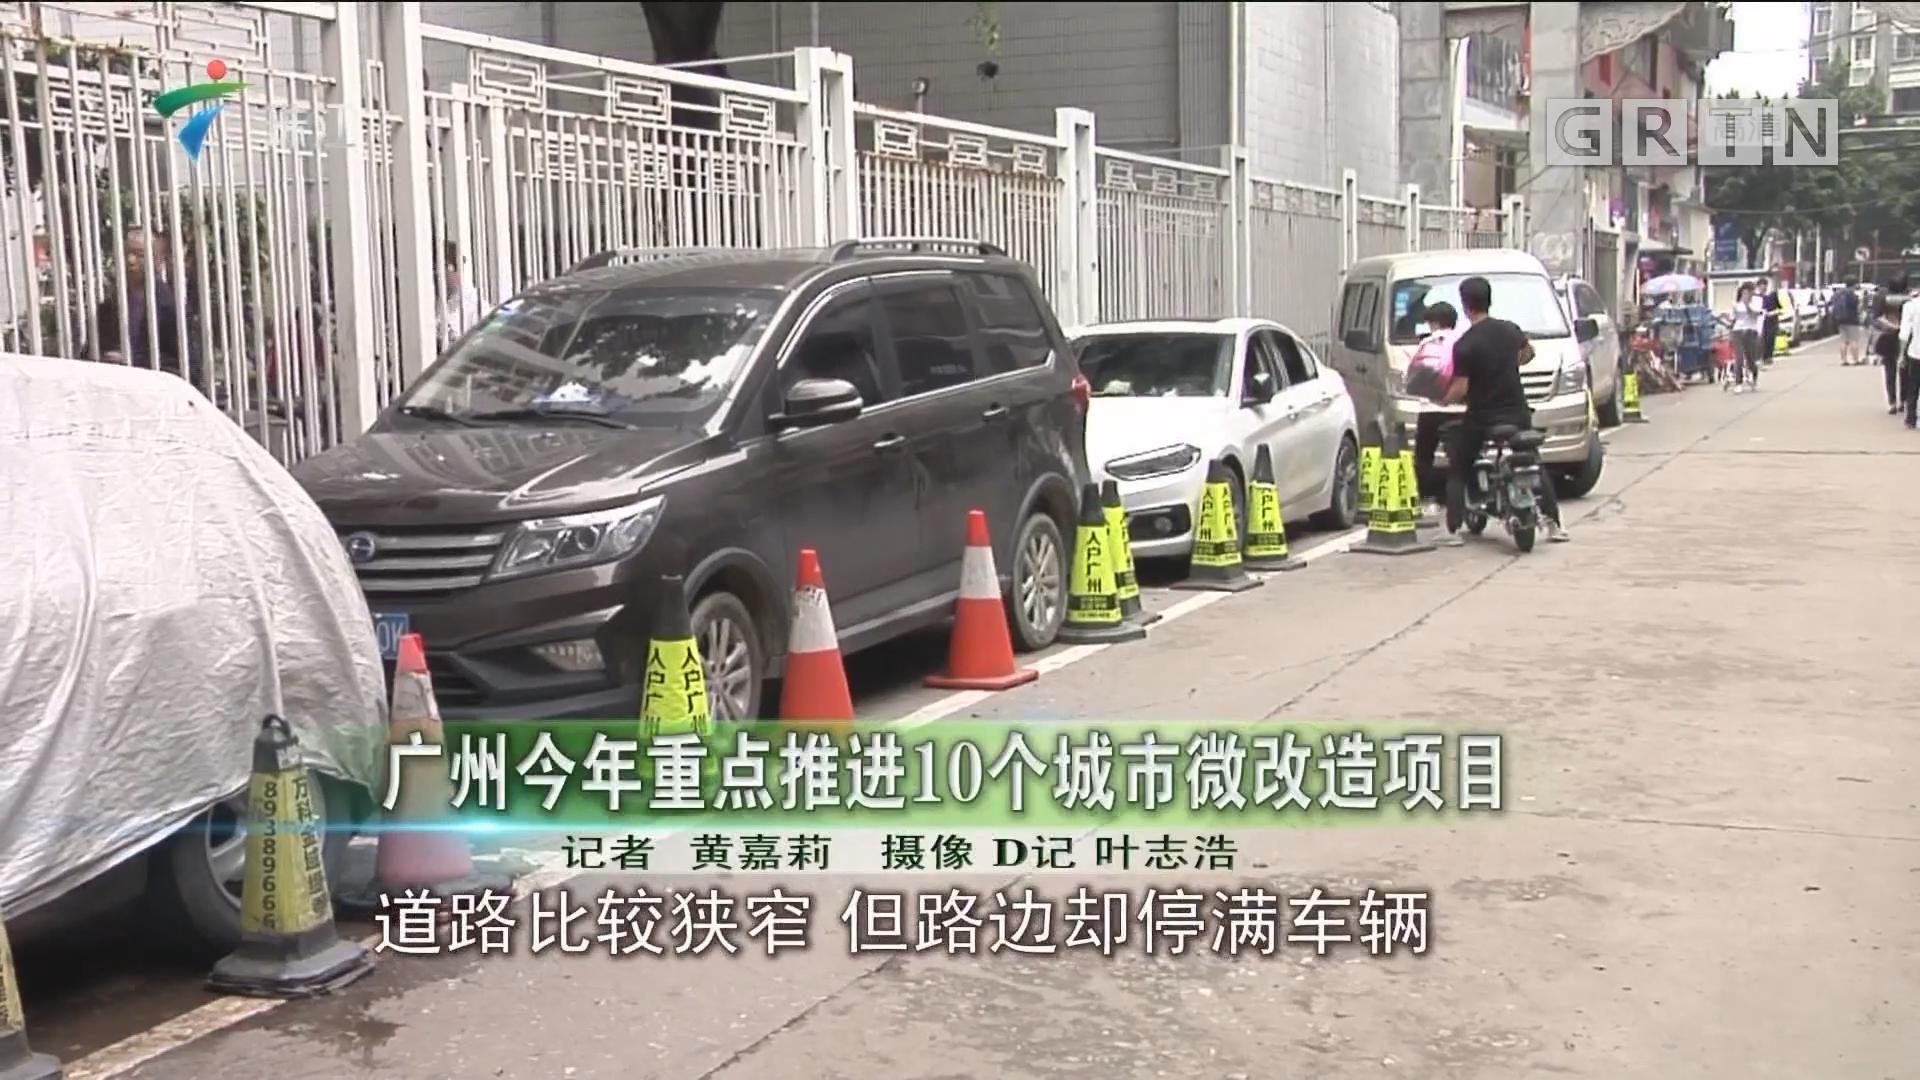 广州今年重点推进10个城市微改造项目